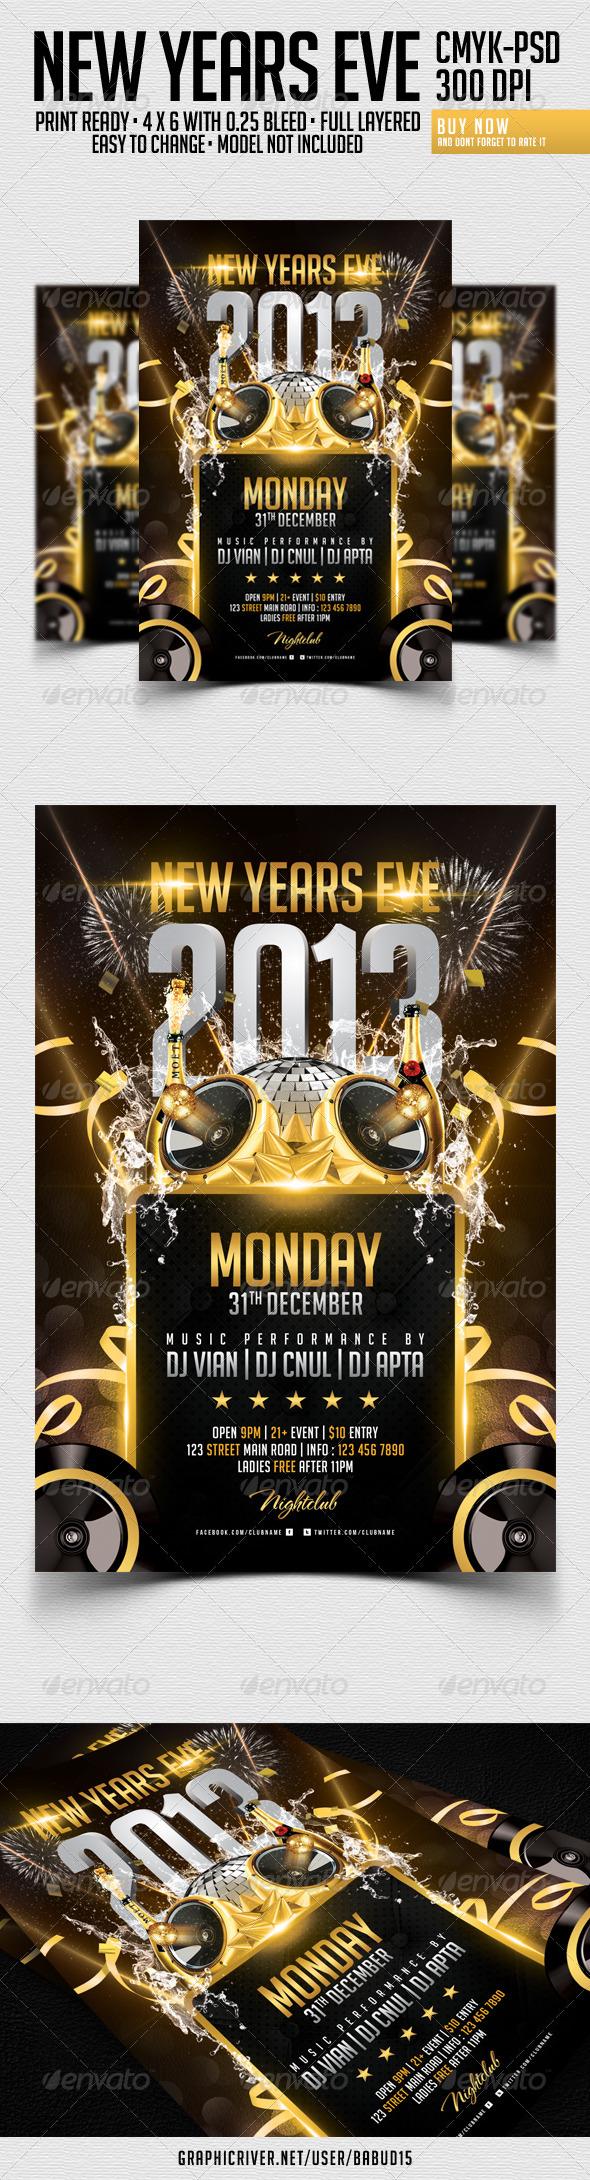 Flyer Navideño Feliz Año Nuevo